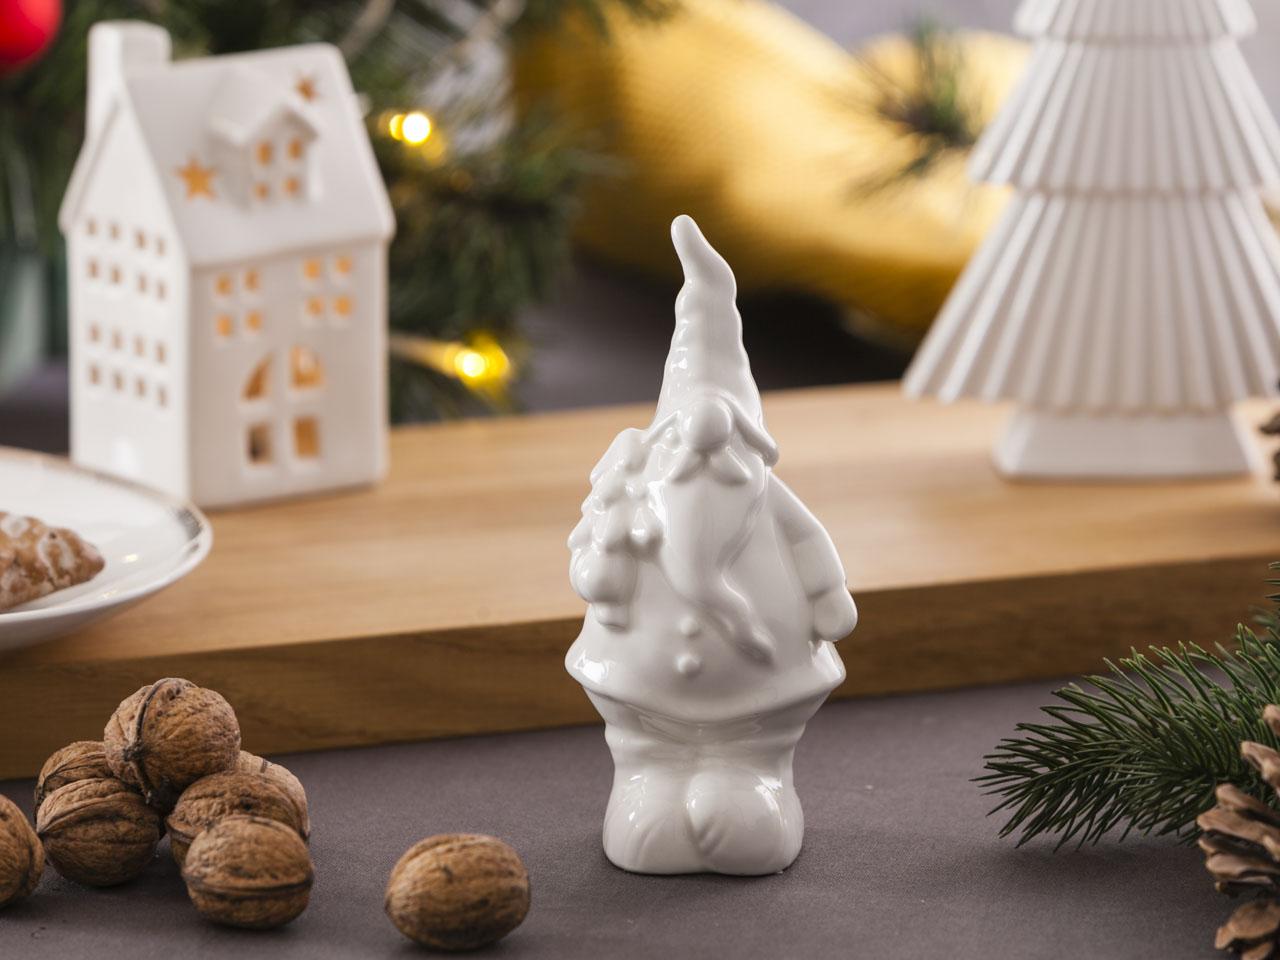 Ozdoba / figurka / dekoracja świąteczna Boże Narodzenie Altom Design Mikołaj z choinką 7x7x15,5 cm